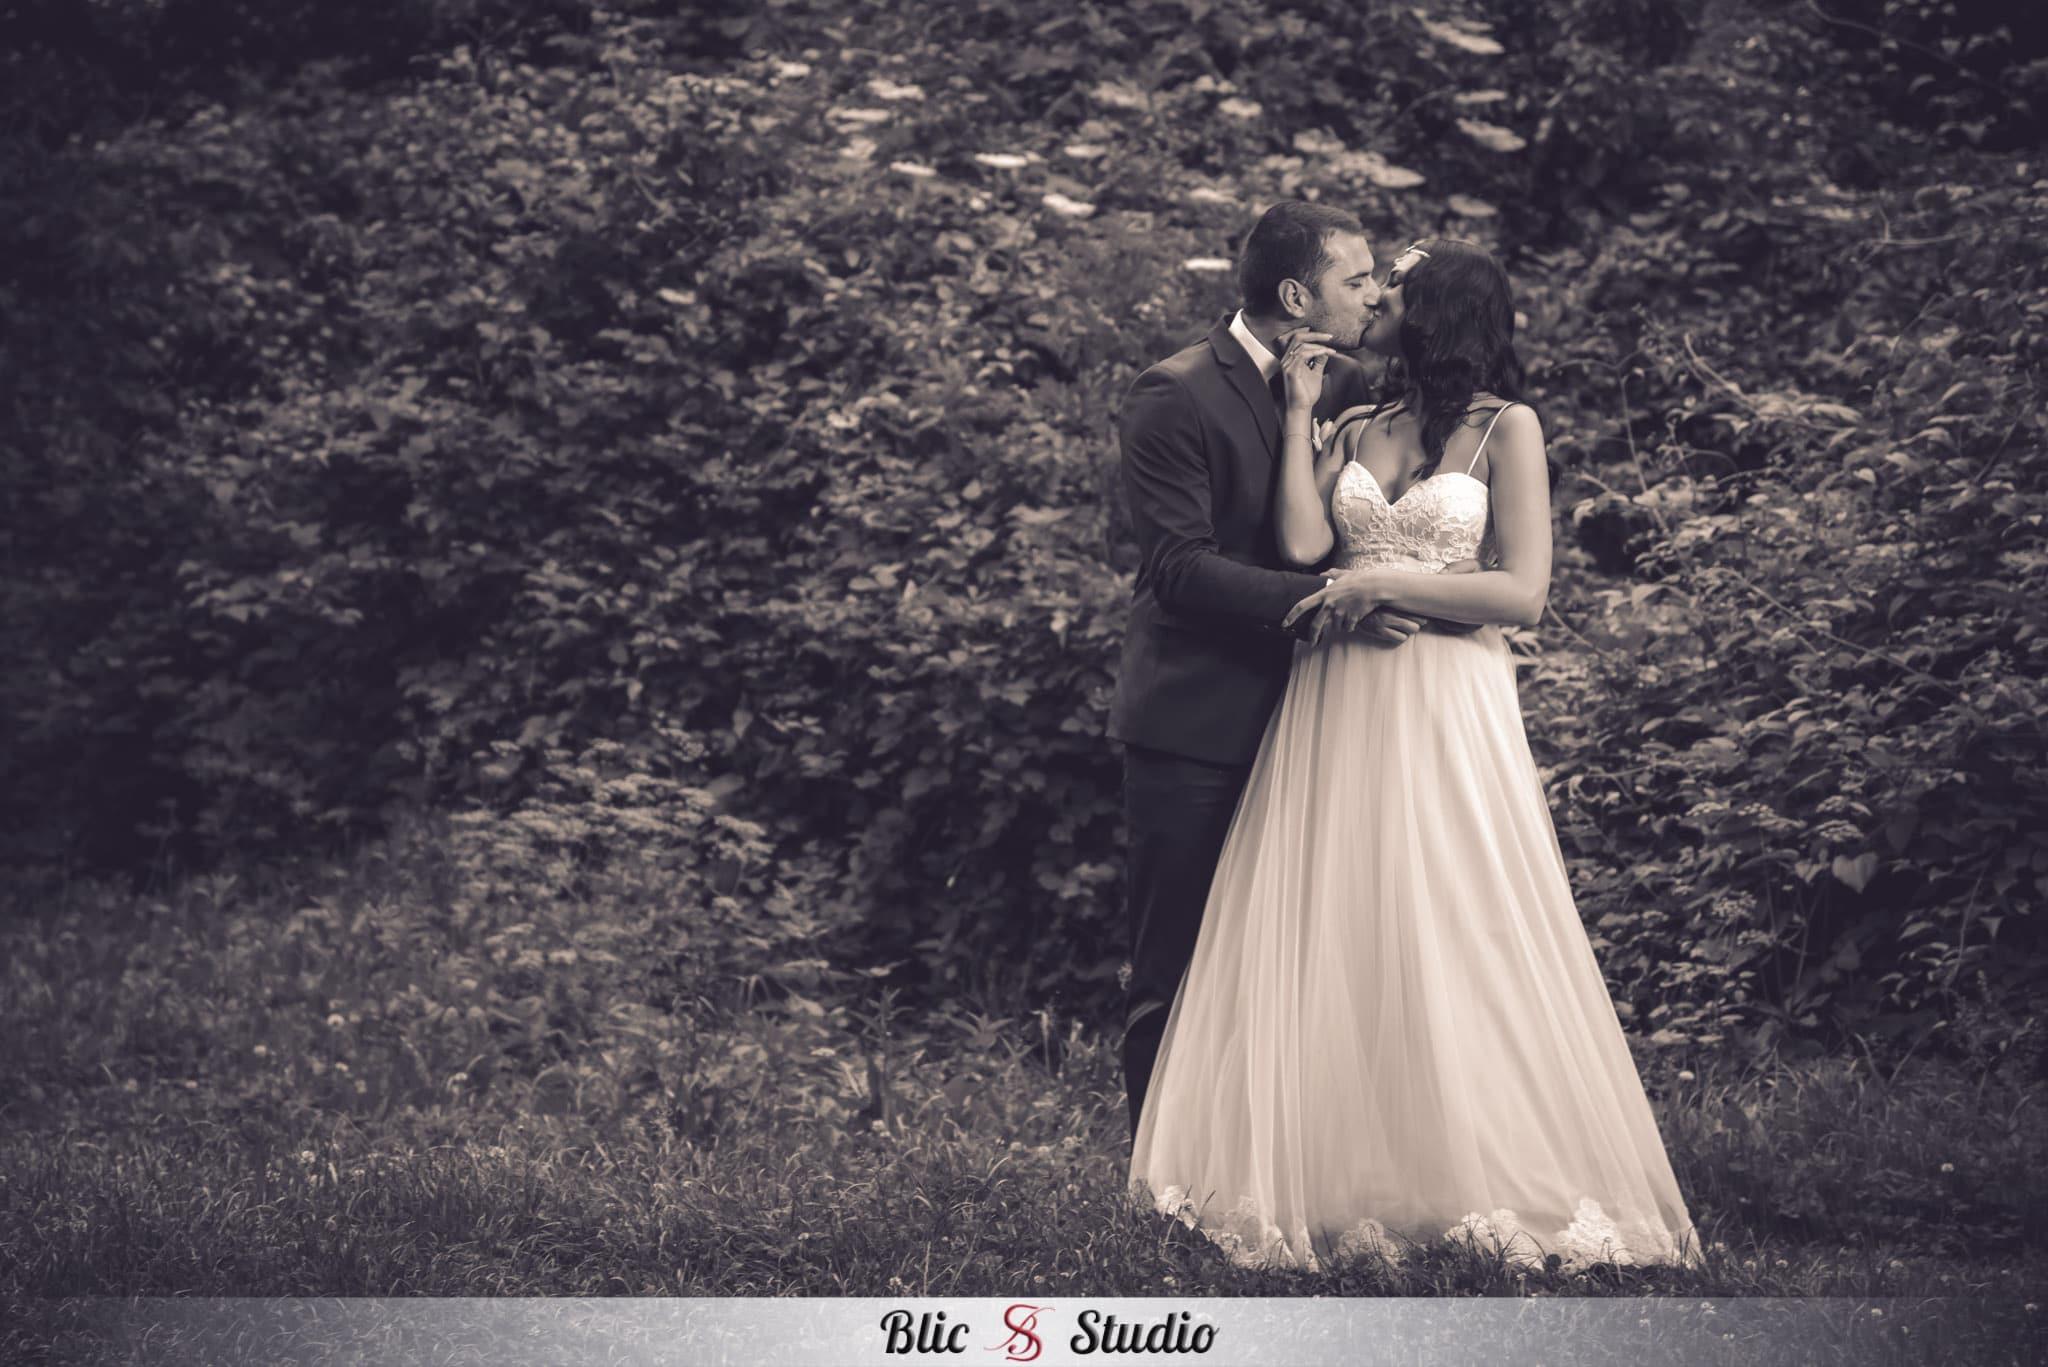 Fotograf_za_vjenčanje_foto_studio_blic_marincel (2)